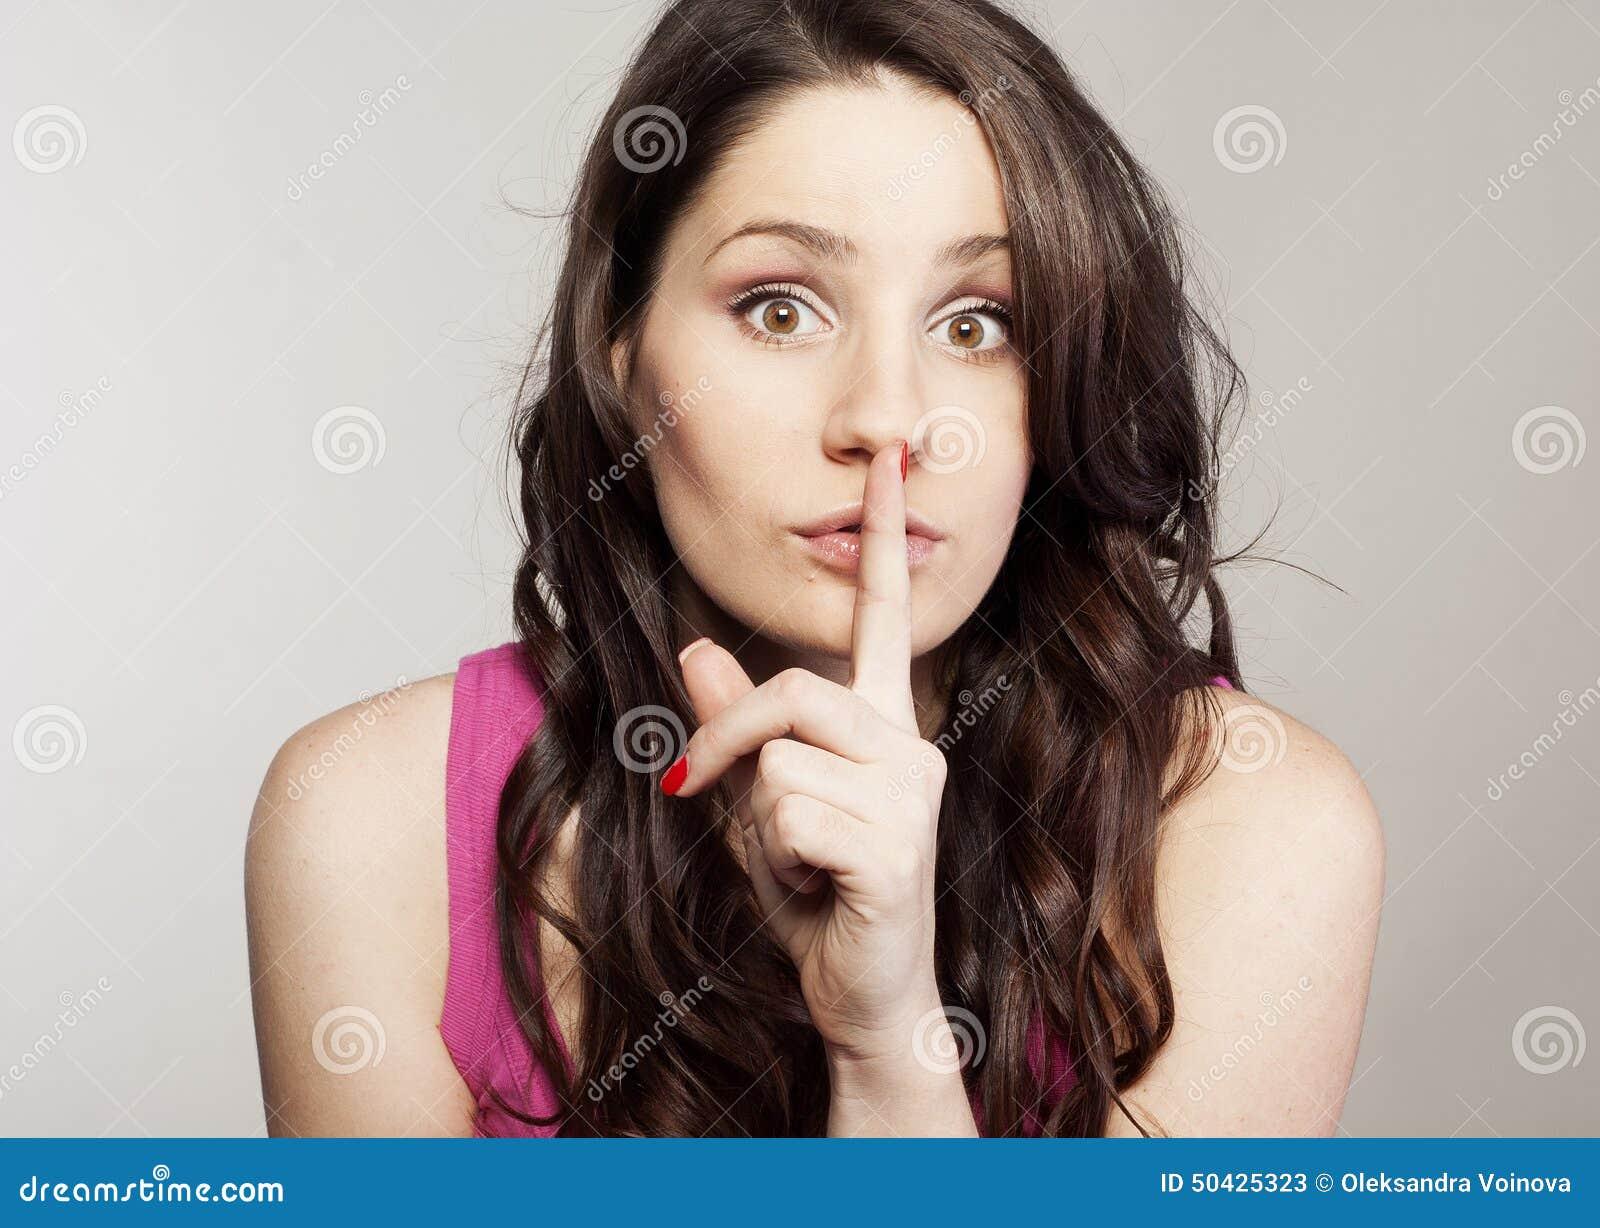 shh for women